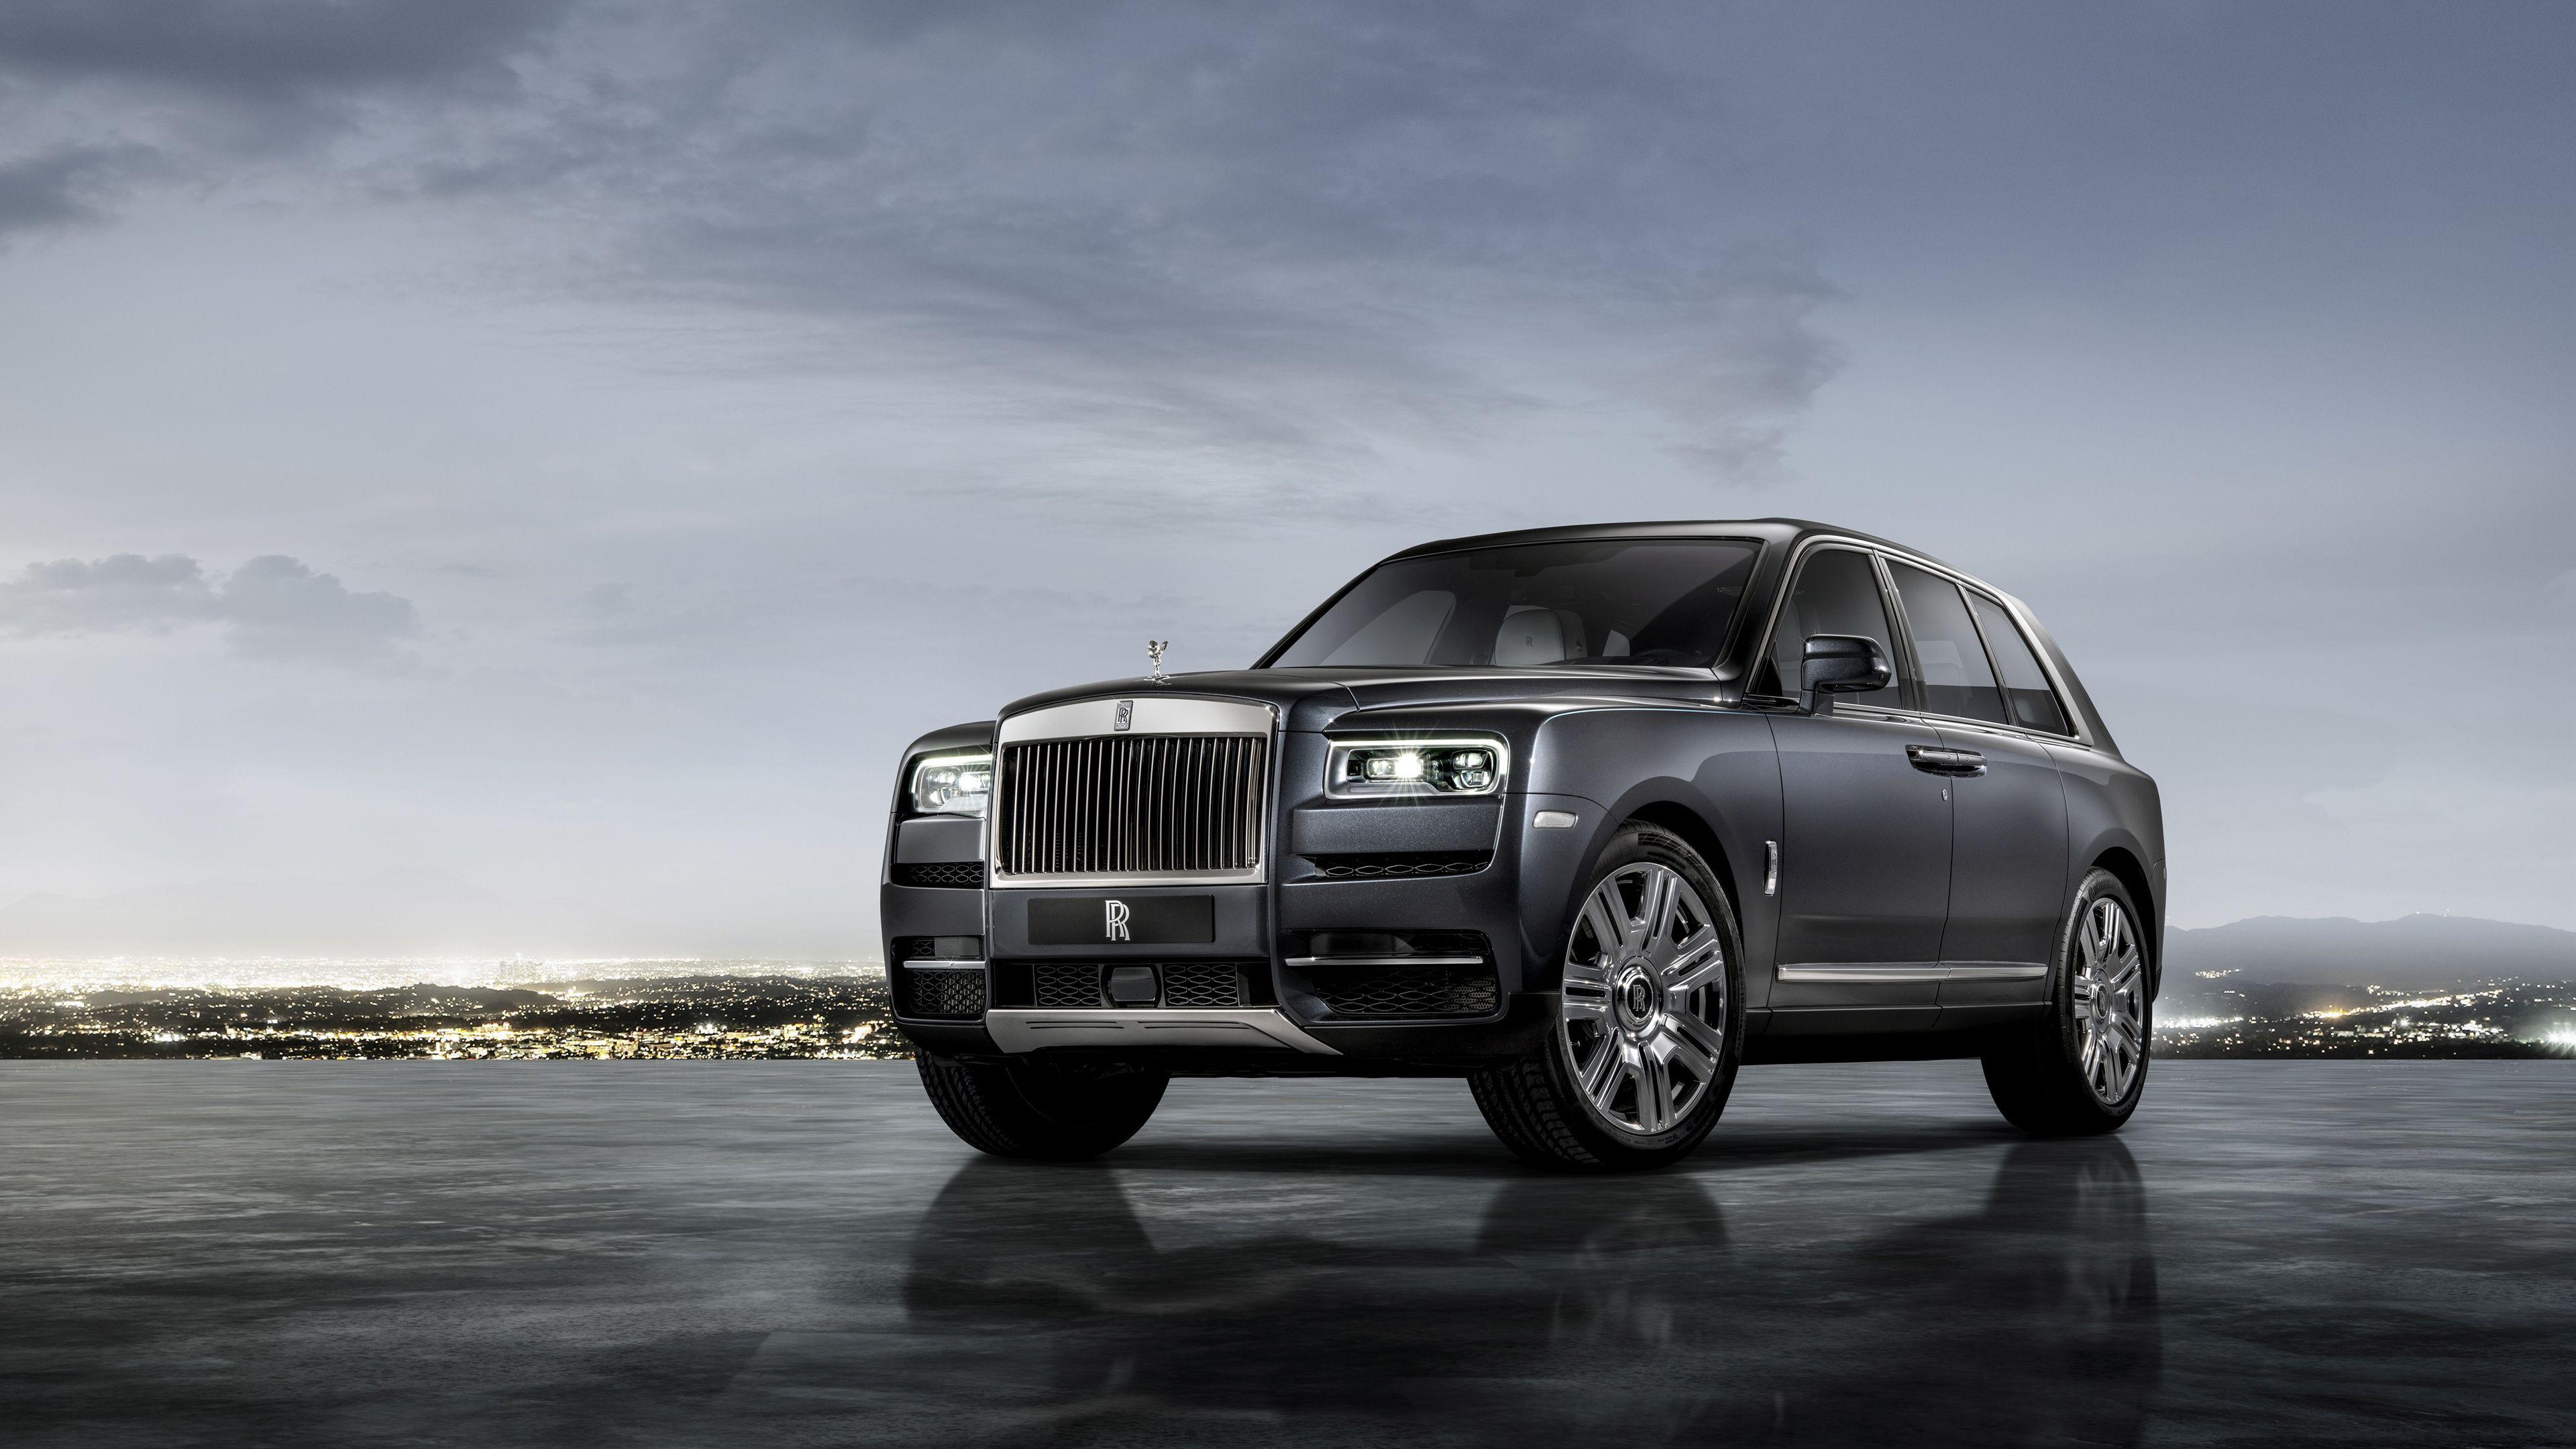 Rolls Royce Cullinan 4k Rolls Royce Wallpapers Rolls Royce